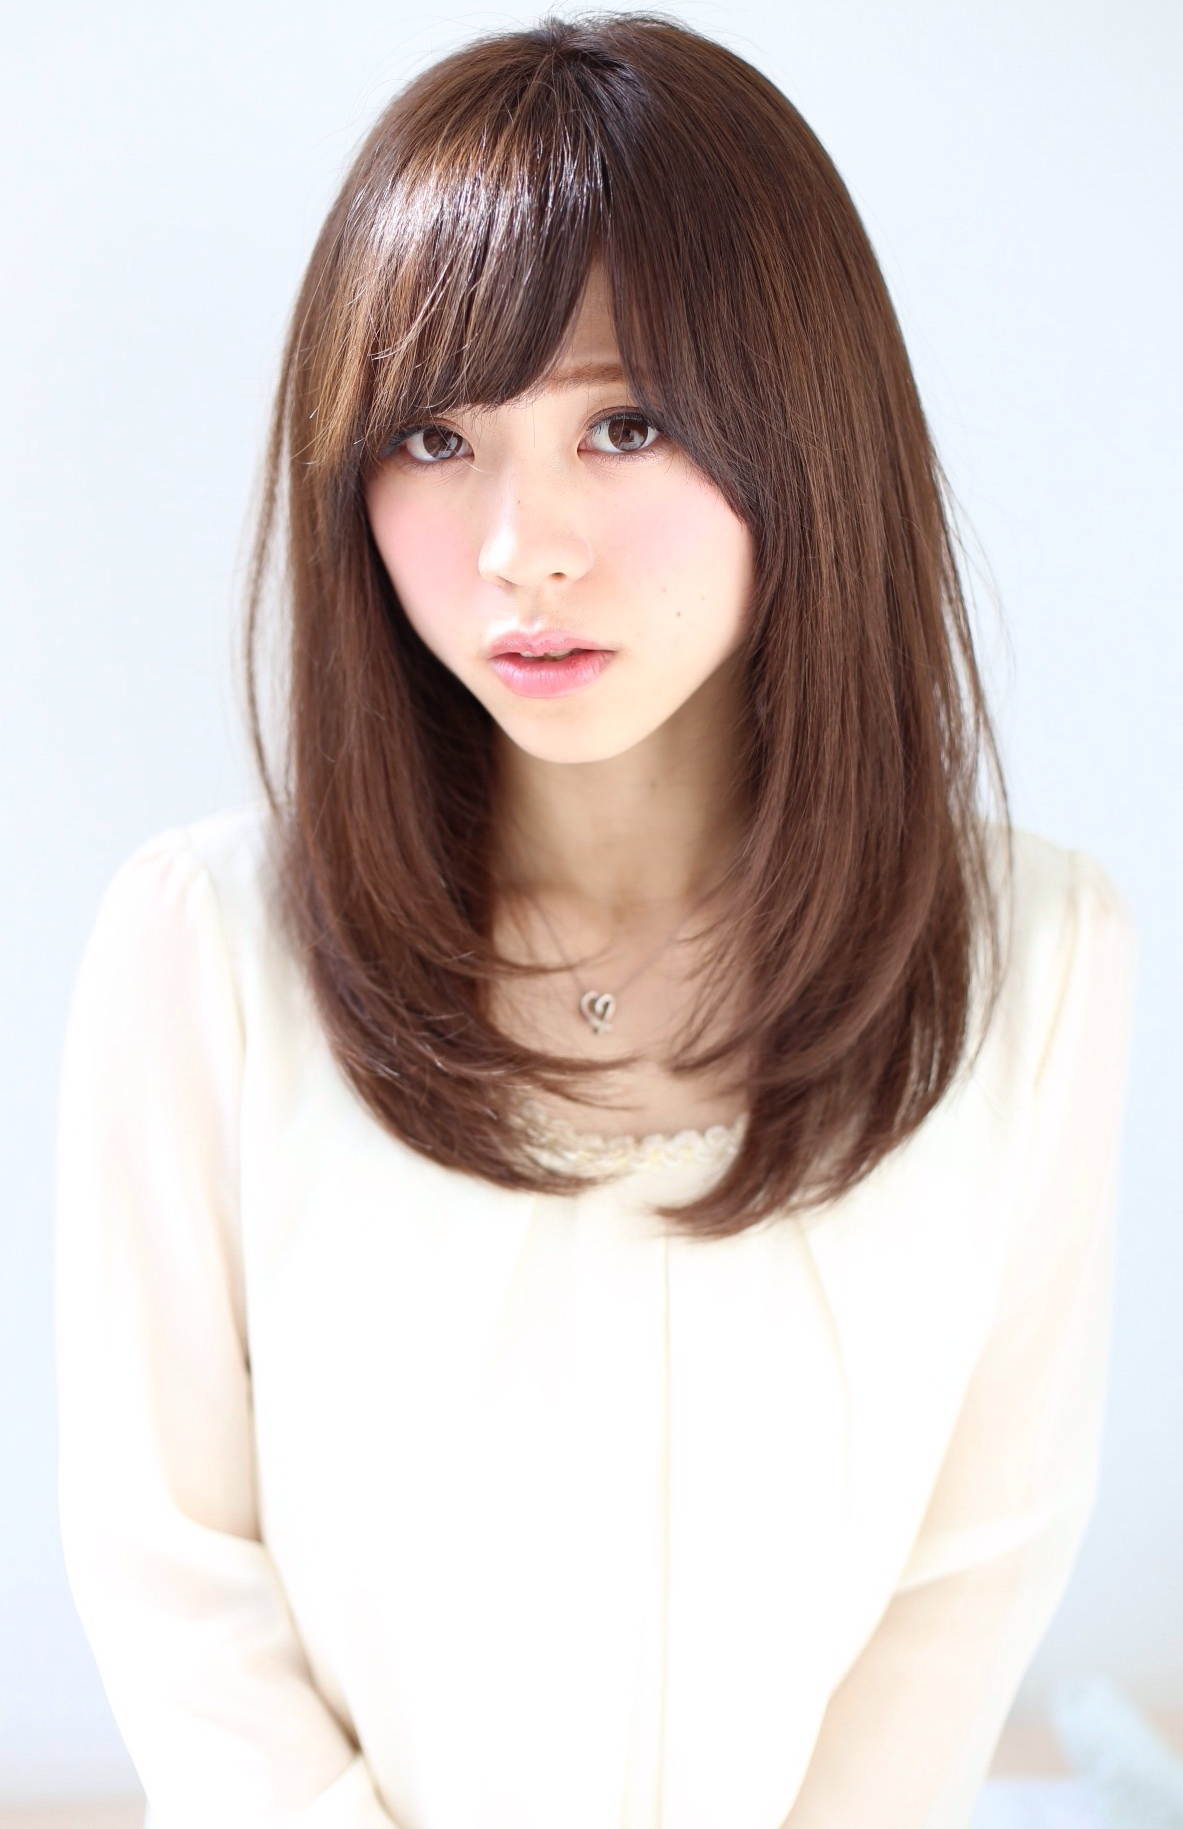 この髪型(ヘアスタイル)は、あえて少し明るいカラーにしたほうがやわらかい女性らしい印象になってステキですよ♪